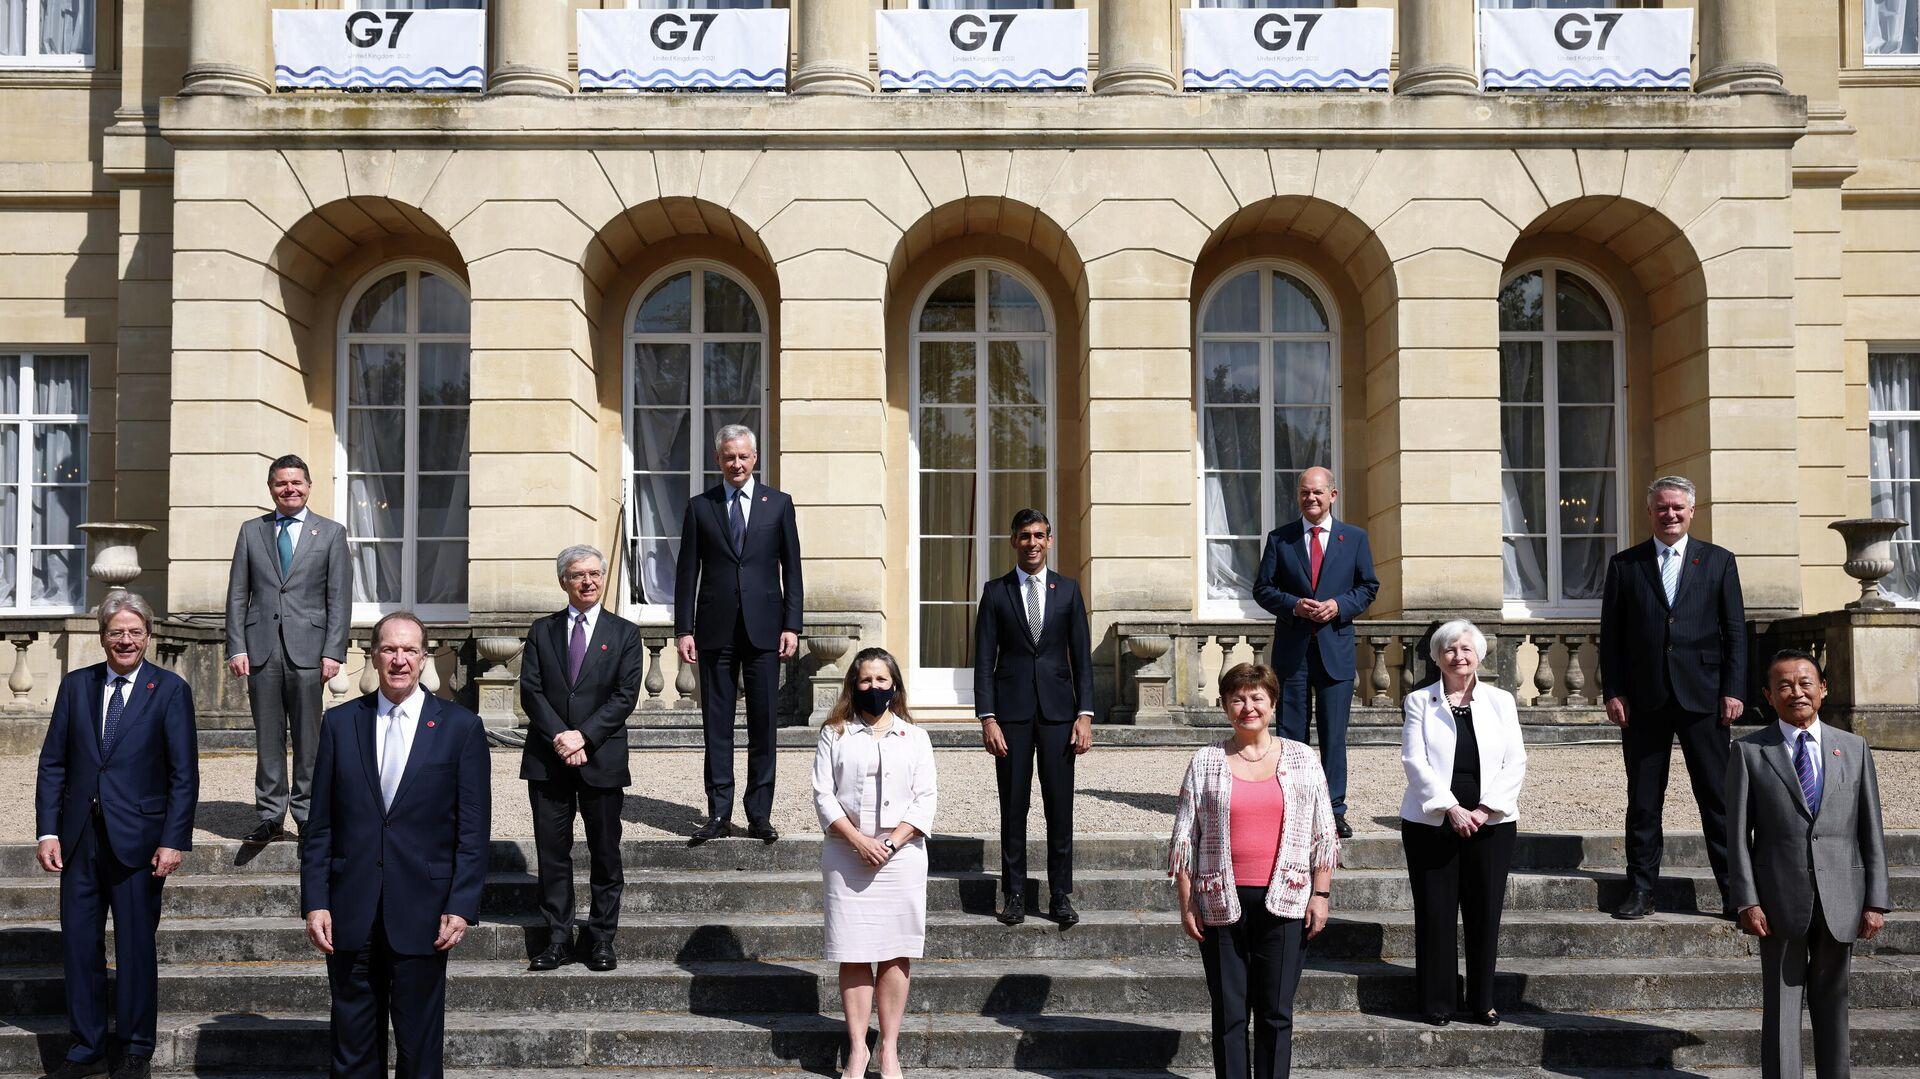 La reunión de los ministros de Finanzas del G7 en Londres, el 5 de junio de 2021 - Sputnik Mundo, 1920, 05.06.2021